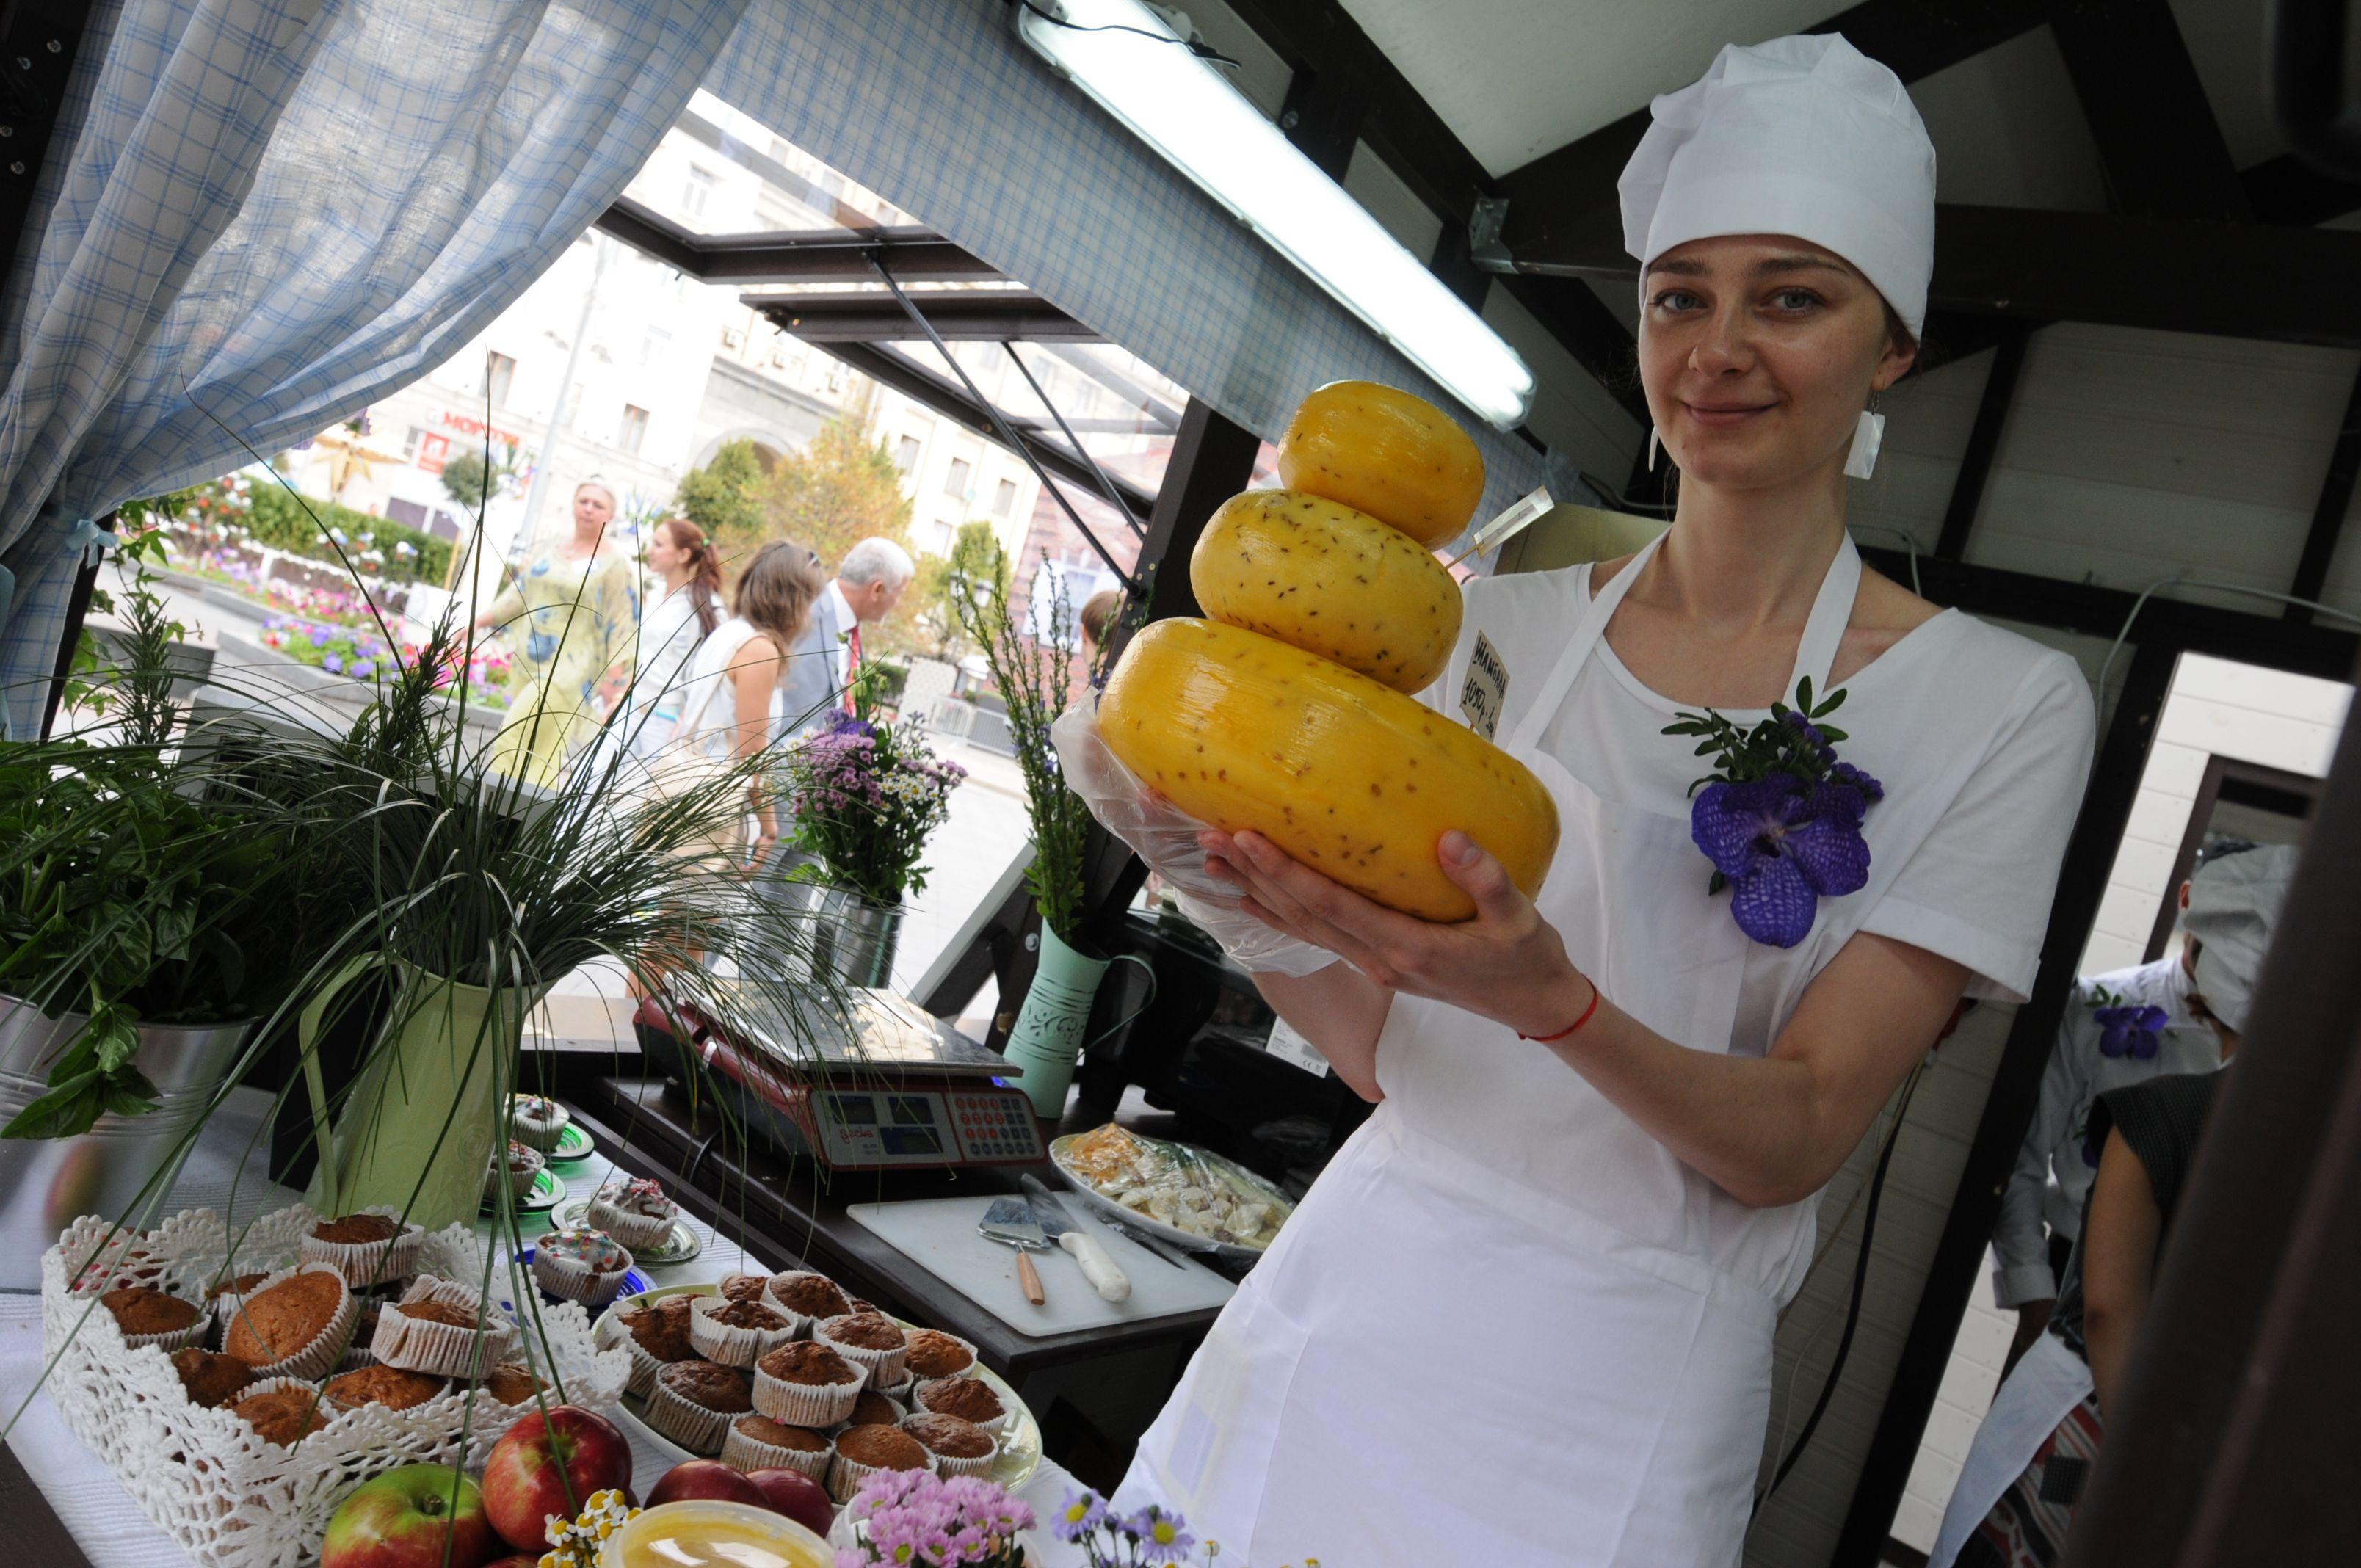 Москвичи смогут попробовать псковские сыры. Фото: Владимир Новиков